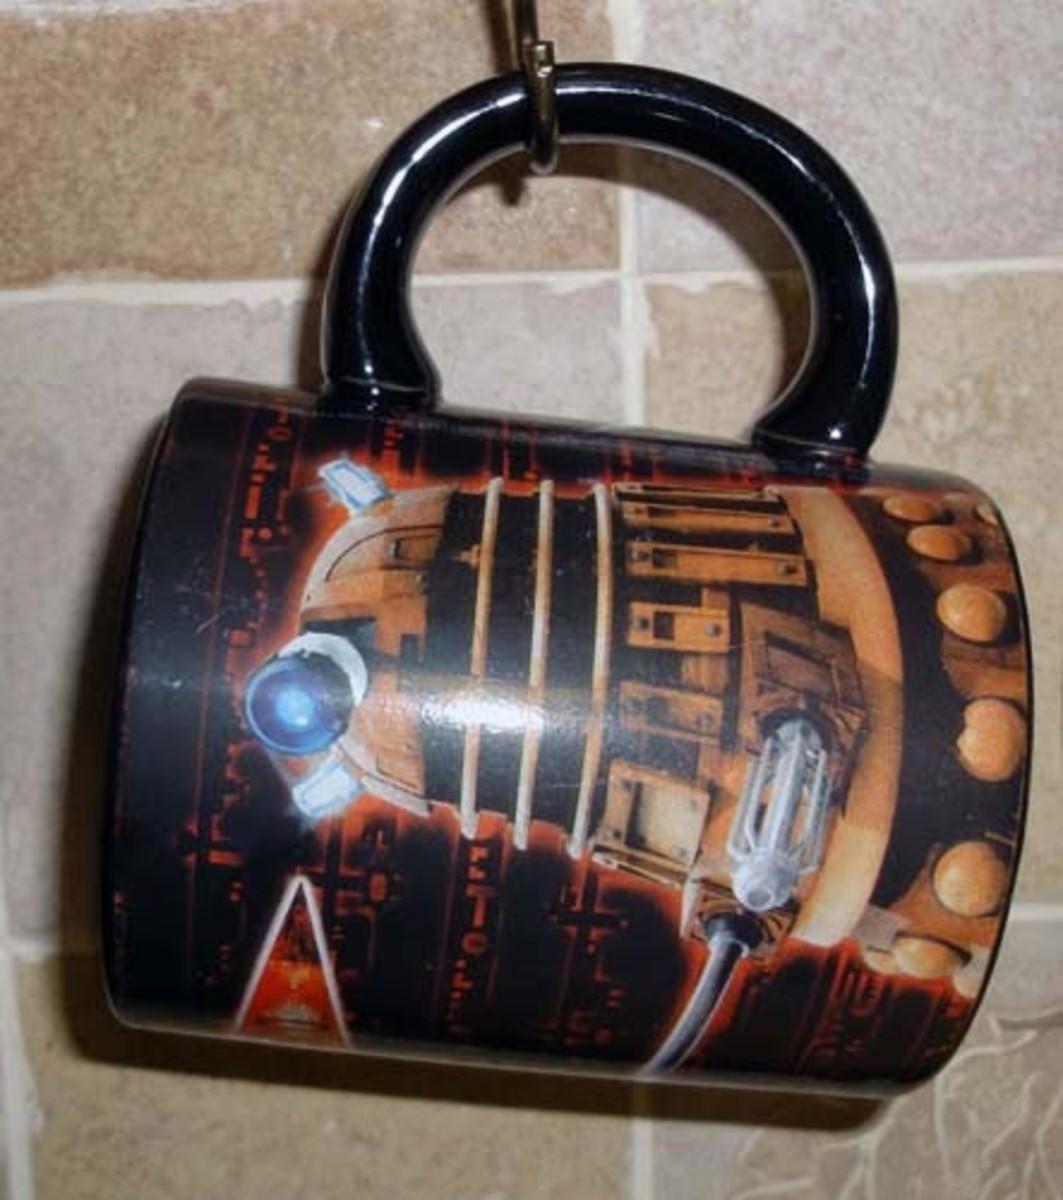 Dr Who Mug